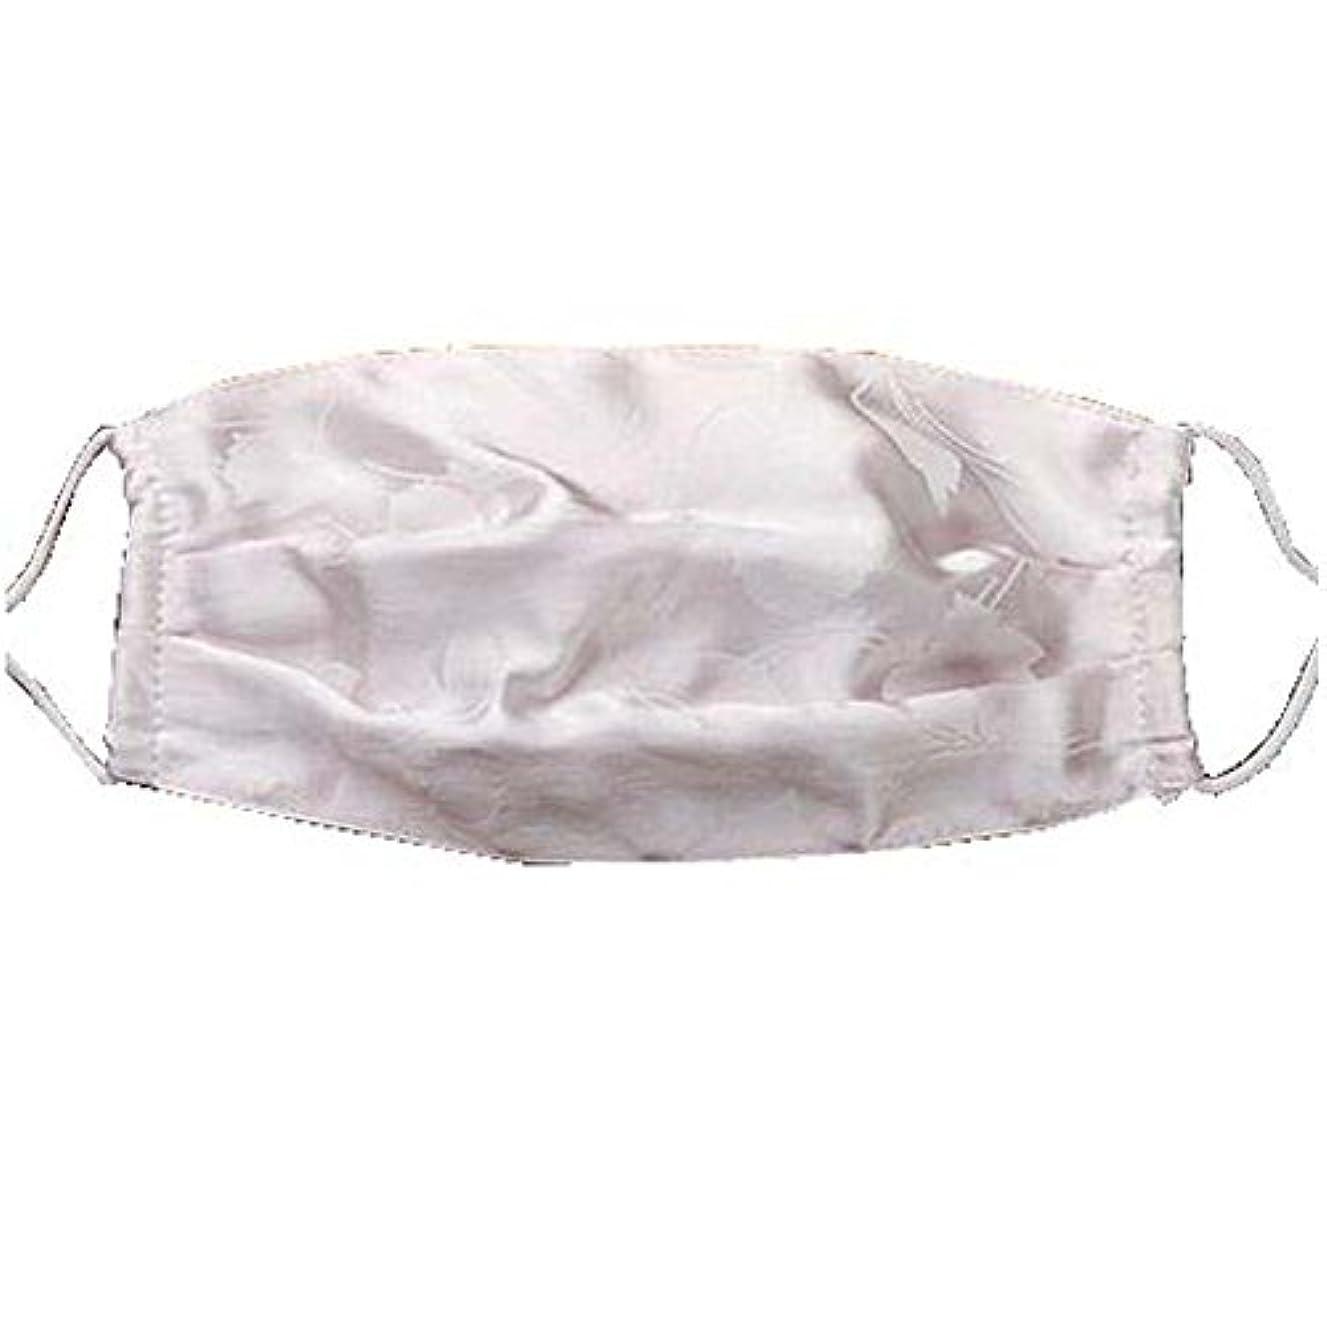 追加たっぷり一方、口腔マスクダストマスク抗汚染活性炭フィルターインサートシルクマスク